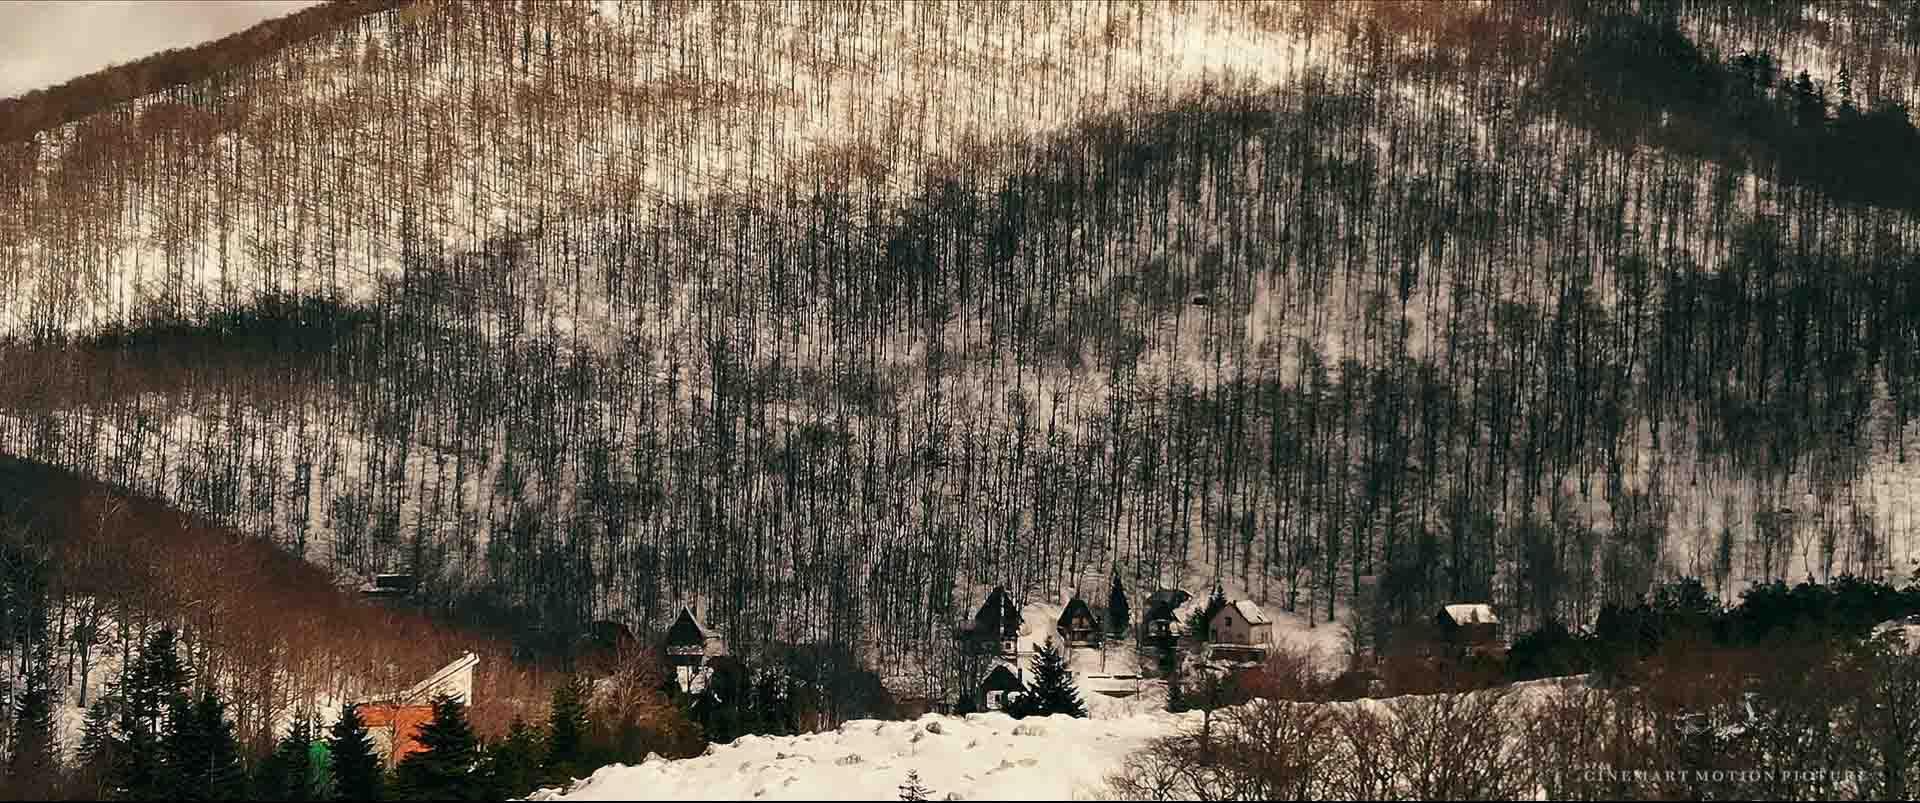 Landscape_25